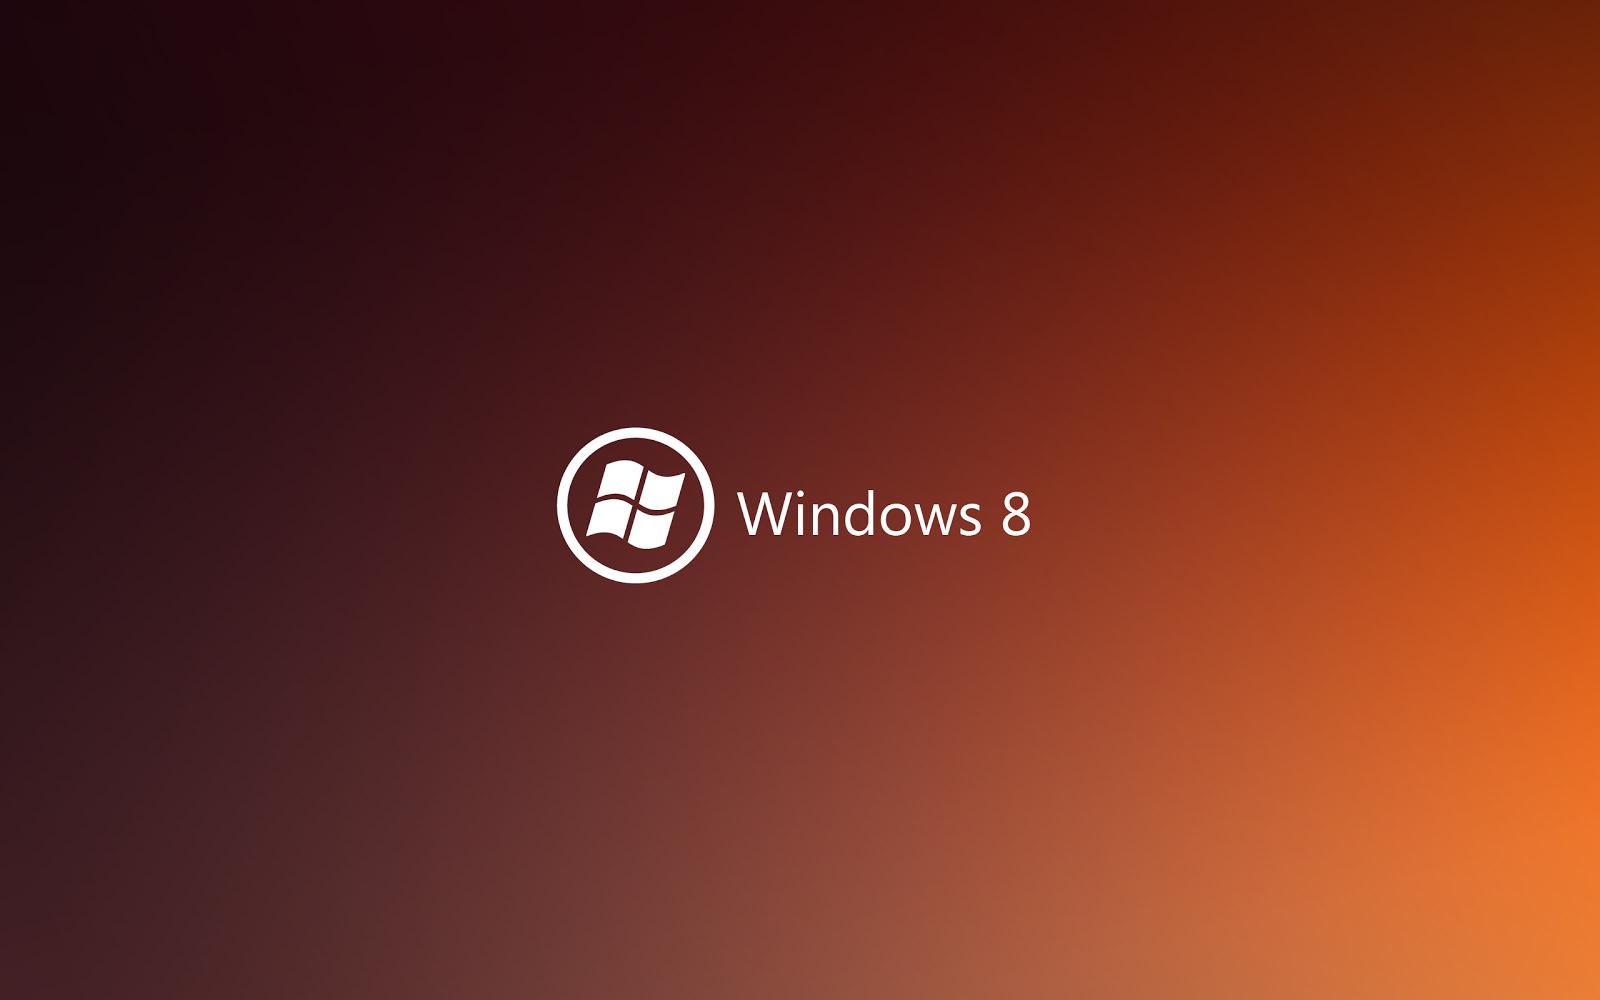 3d Wallpaper Cute Touchscreen Free High Definition Wallpapers Windows 8 Wallpaper Hd